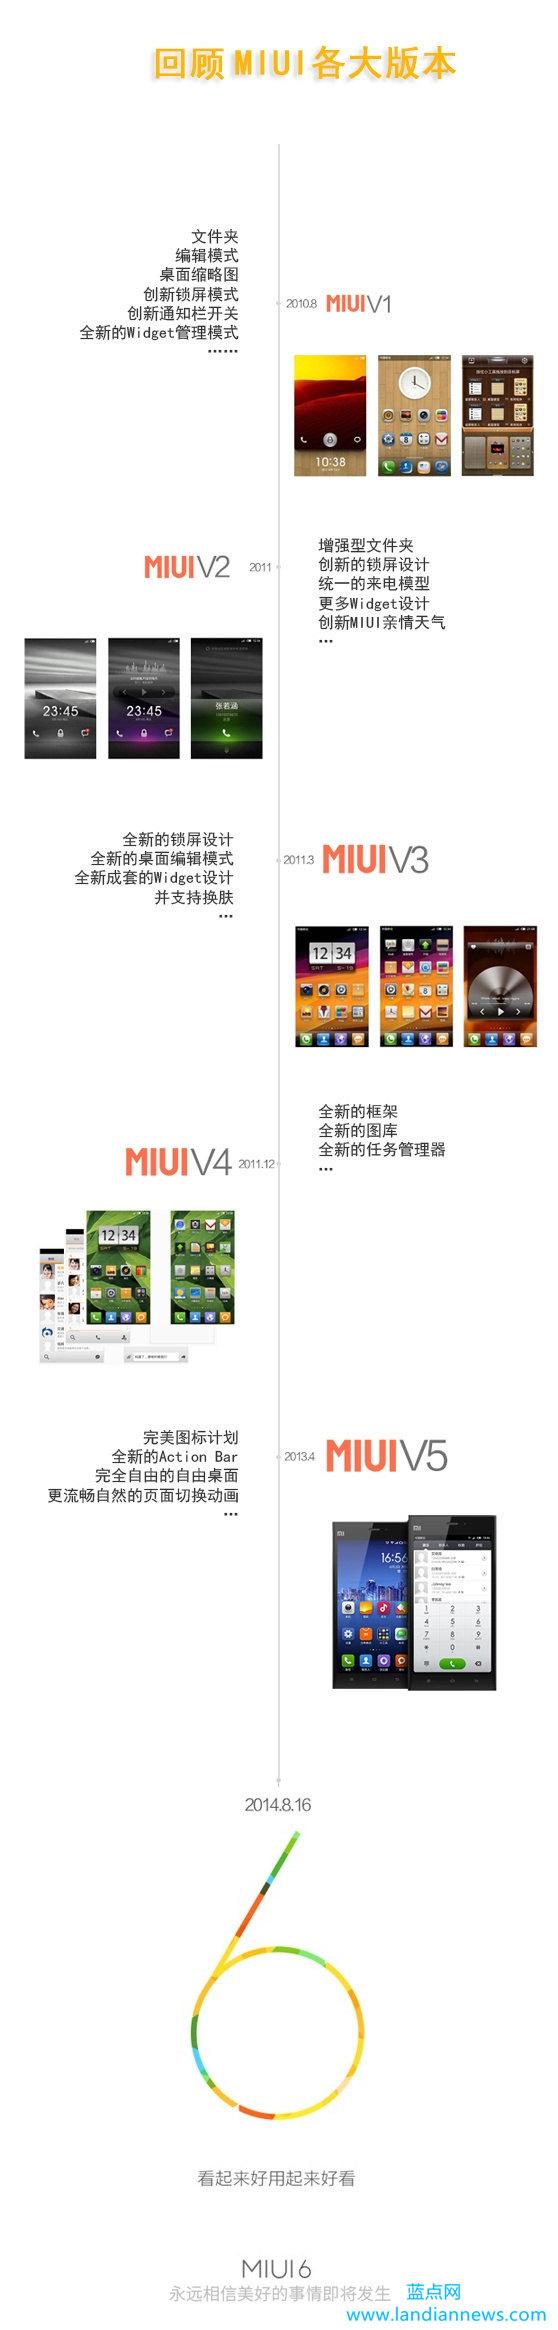 基于Android深度定制的MIUI系统历代演变